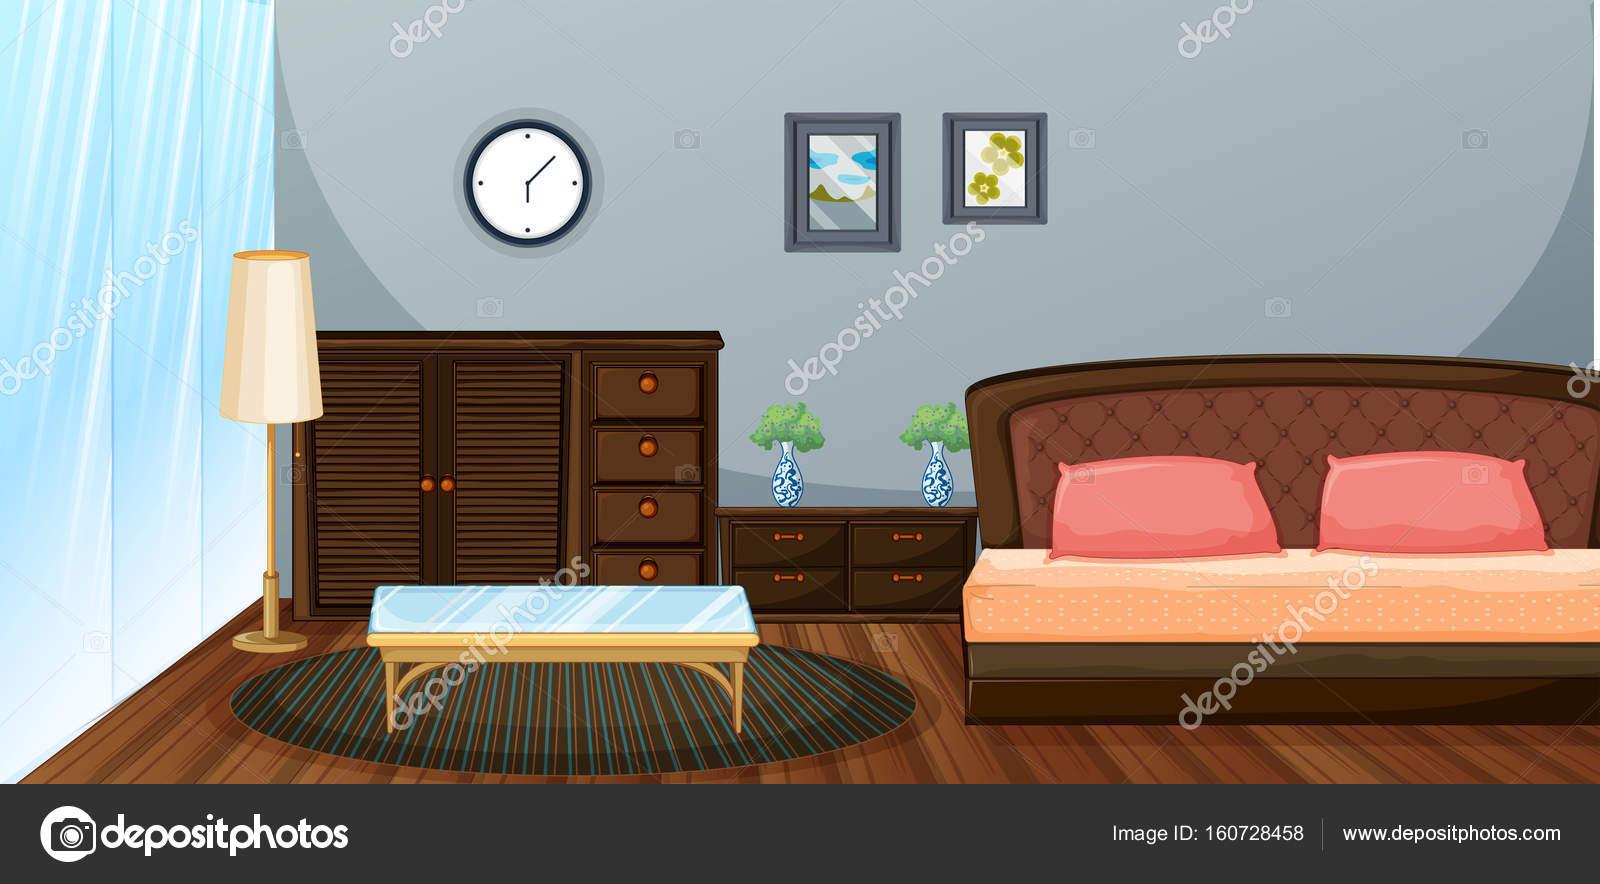 Design Slaapkamer Meubilair : Slaapkamer met houten meubilair u stockvector interactimages